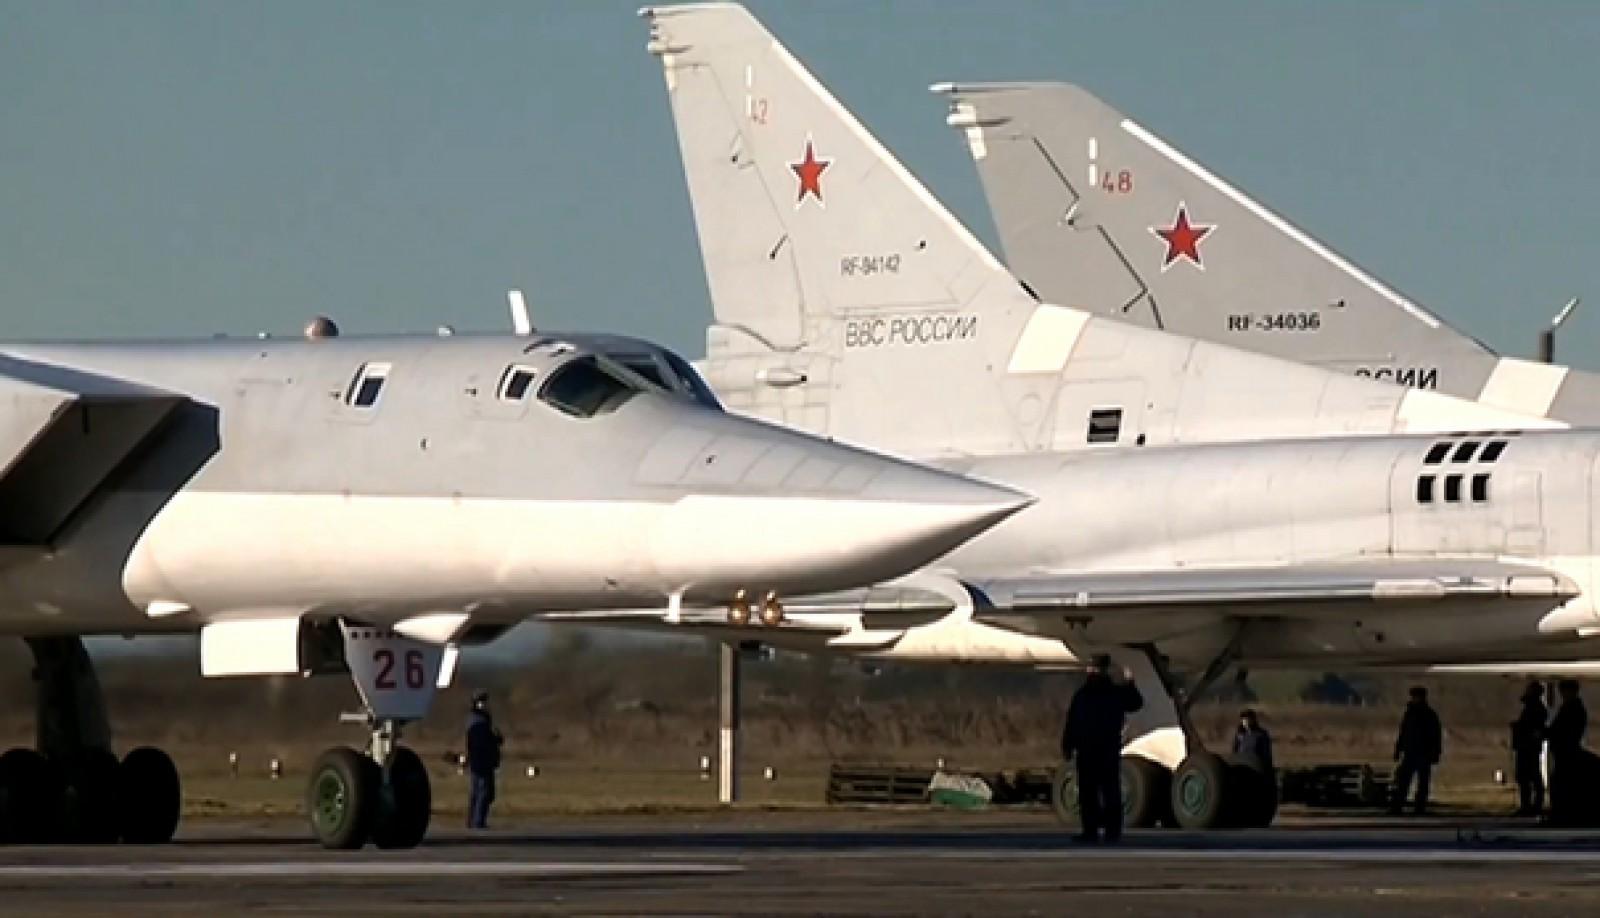 Două bombardiere ruseşti au fost interceptate de avioane de vânătoare americane în apropiere de Alaska